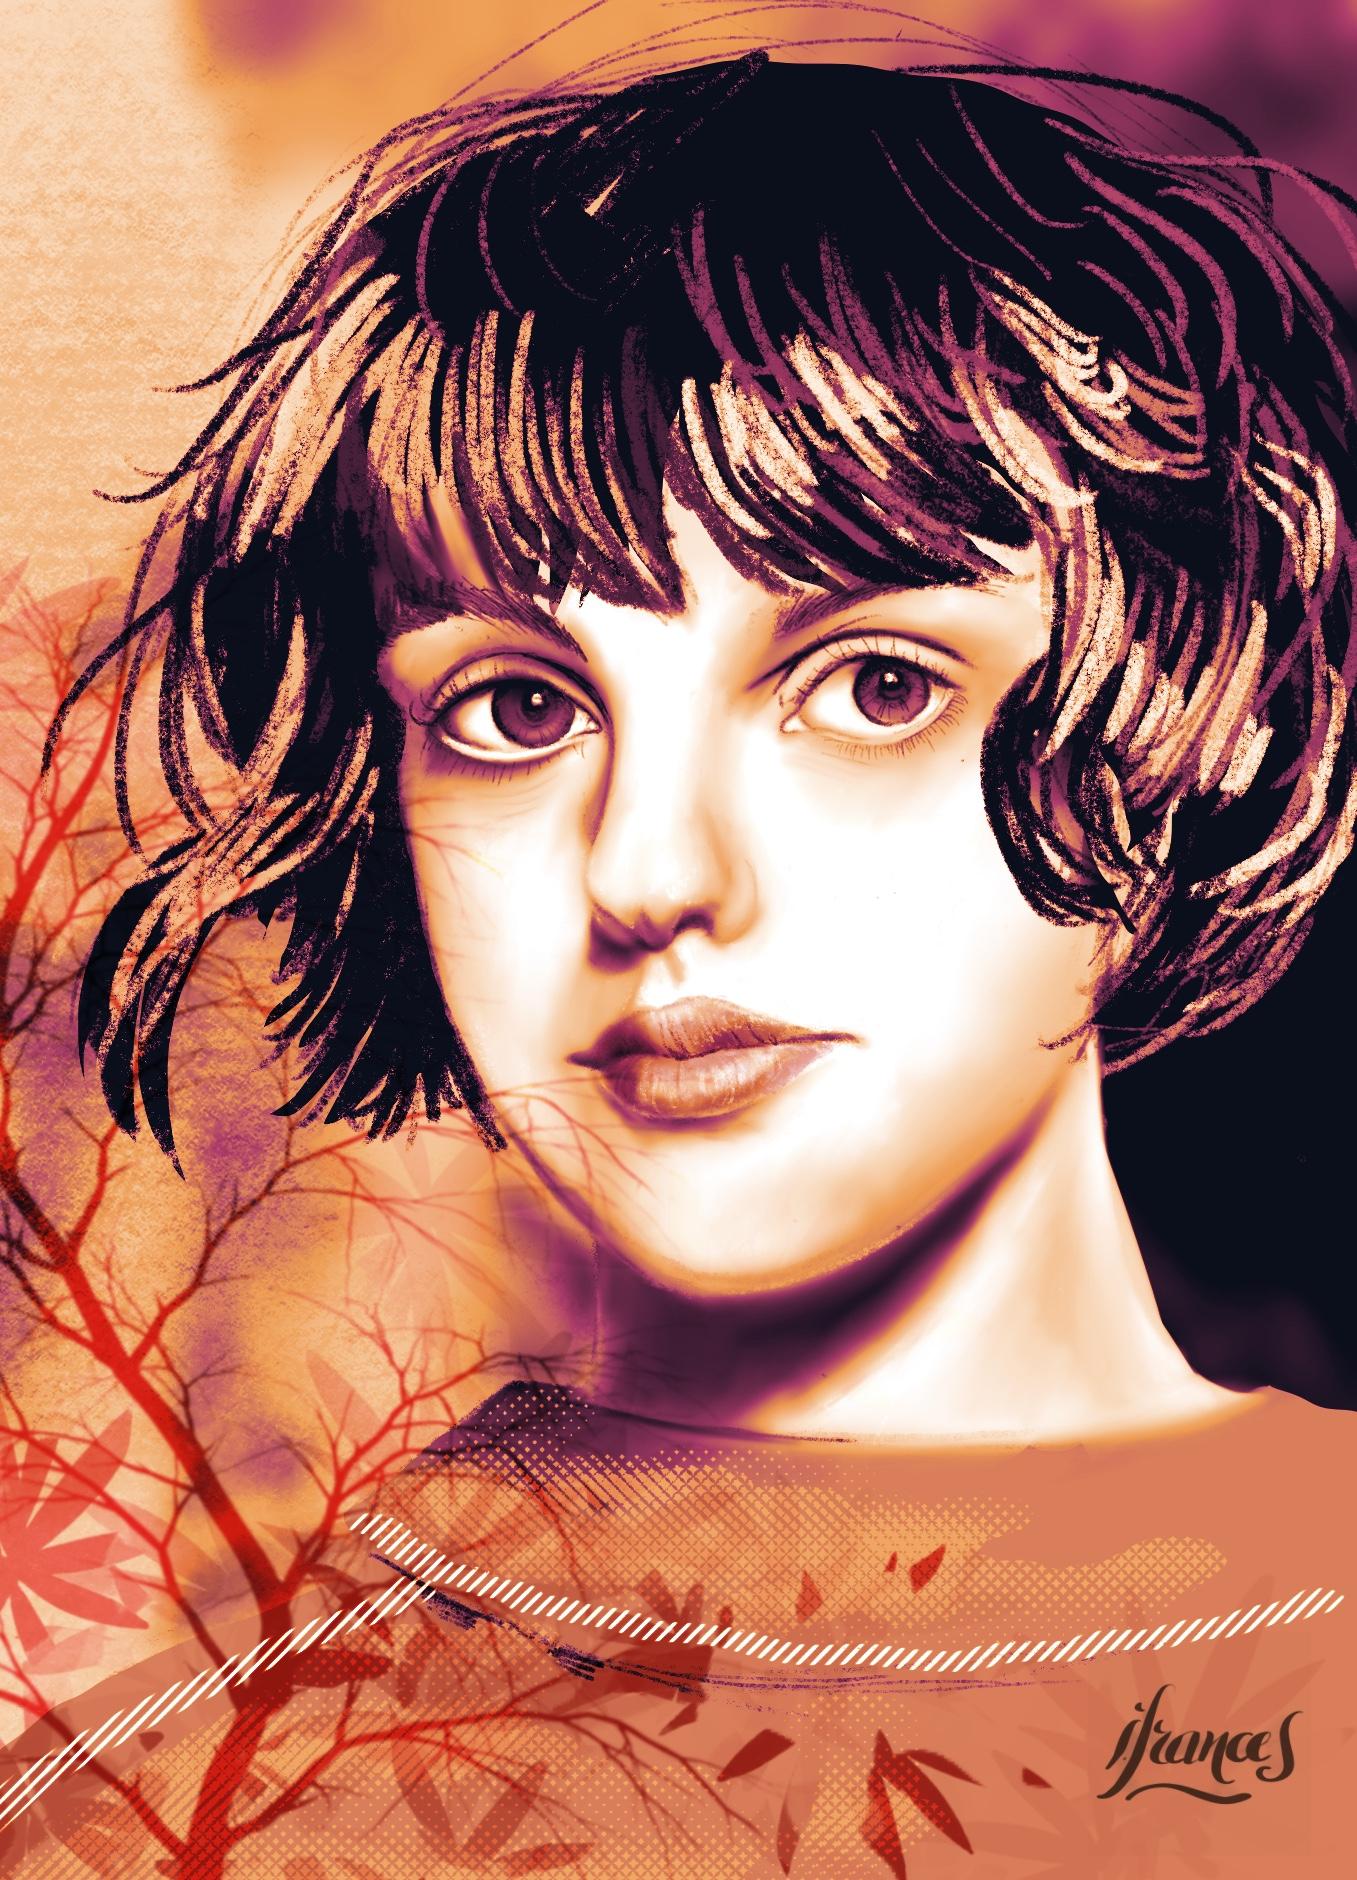 Portrait de Diana (modèle Sktchy) d'après un tutoriel de Joan Martin -©I.Frances2021